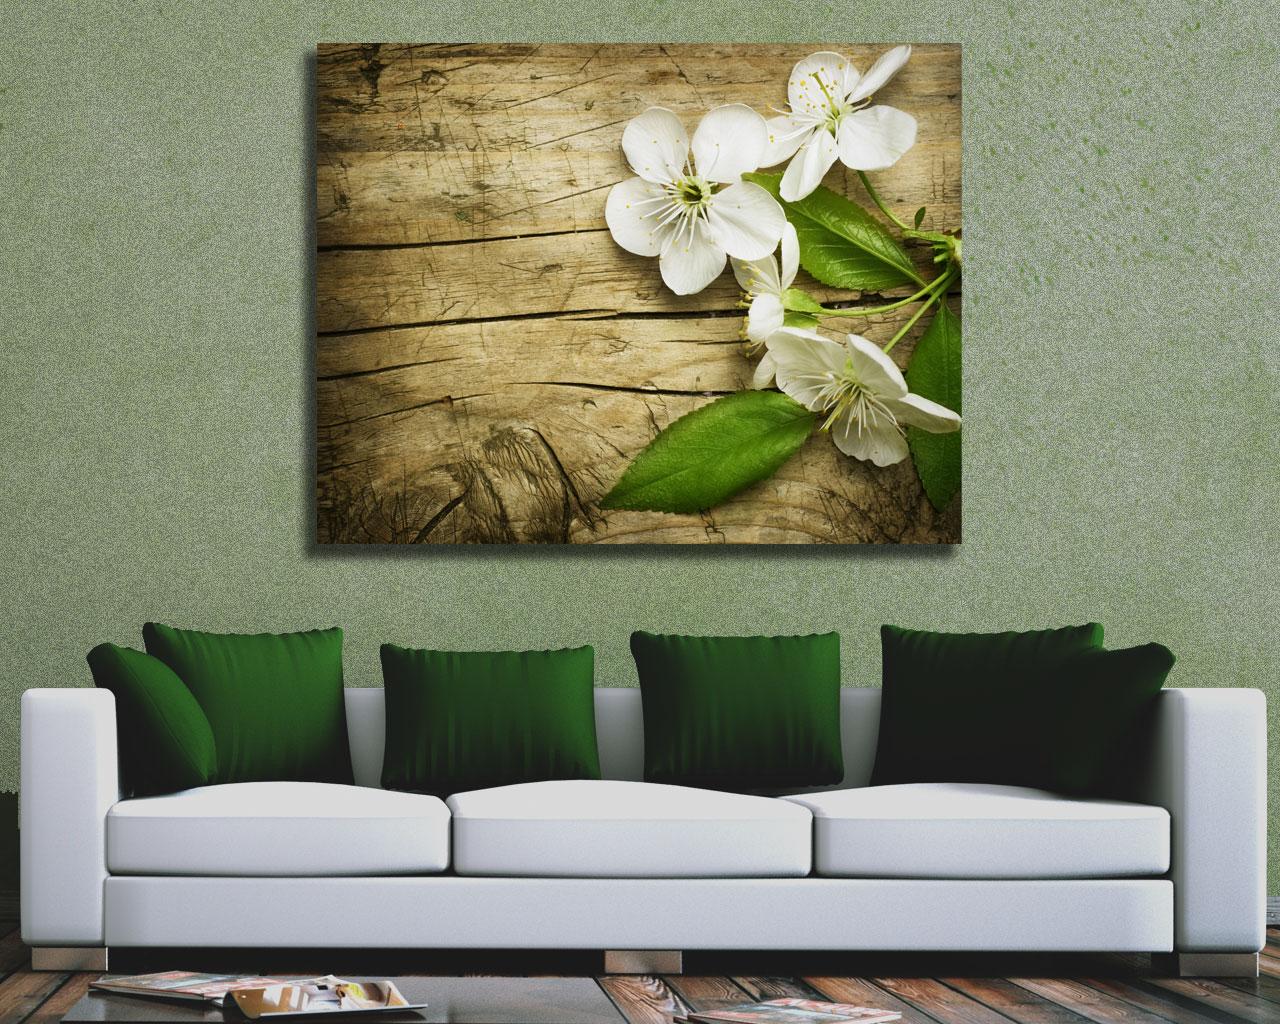 Profumati fiori di ciliegio fiori stampa su tela interni decori adesivi murali wall - Ikea quadri su tela ...